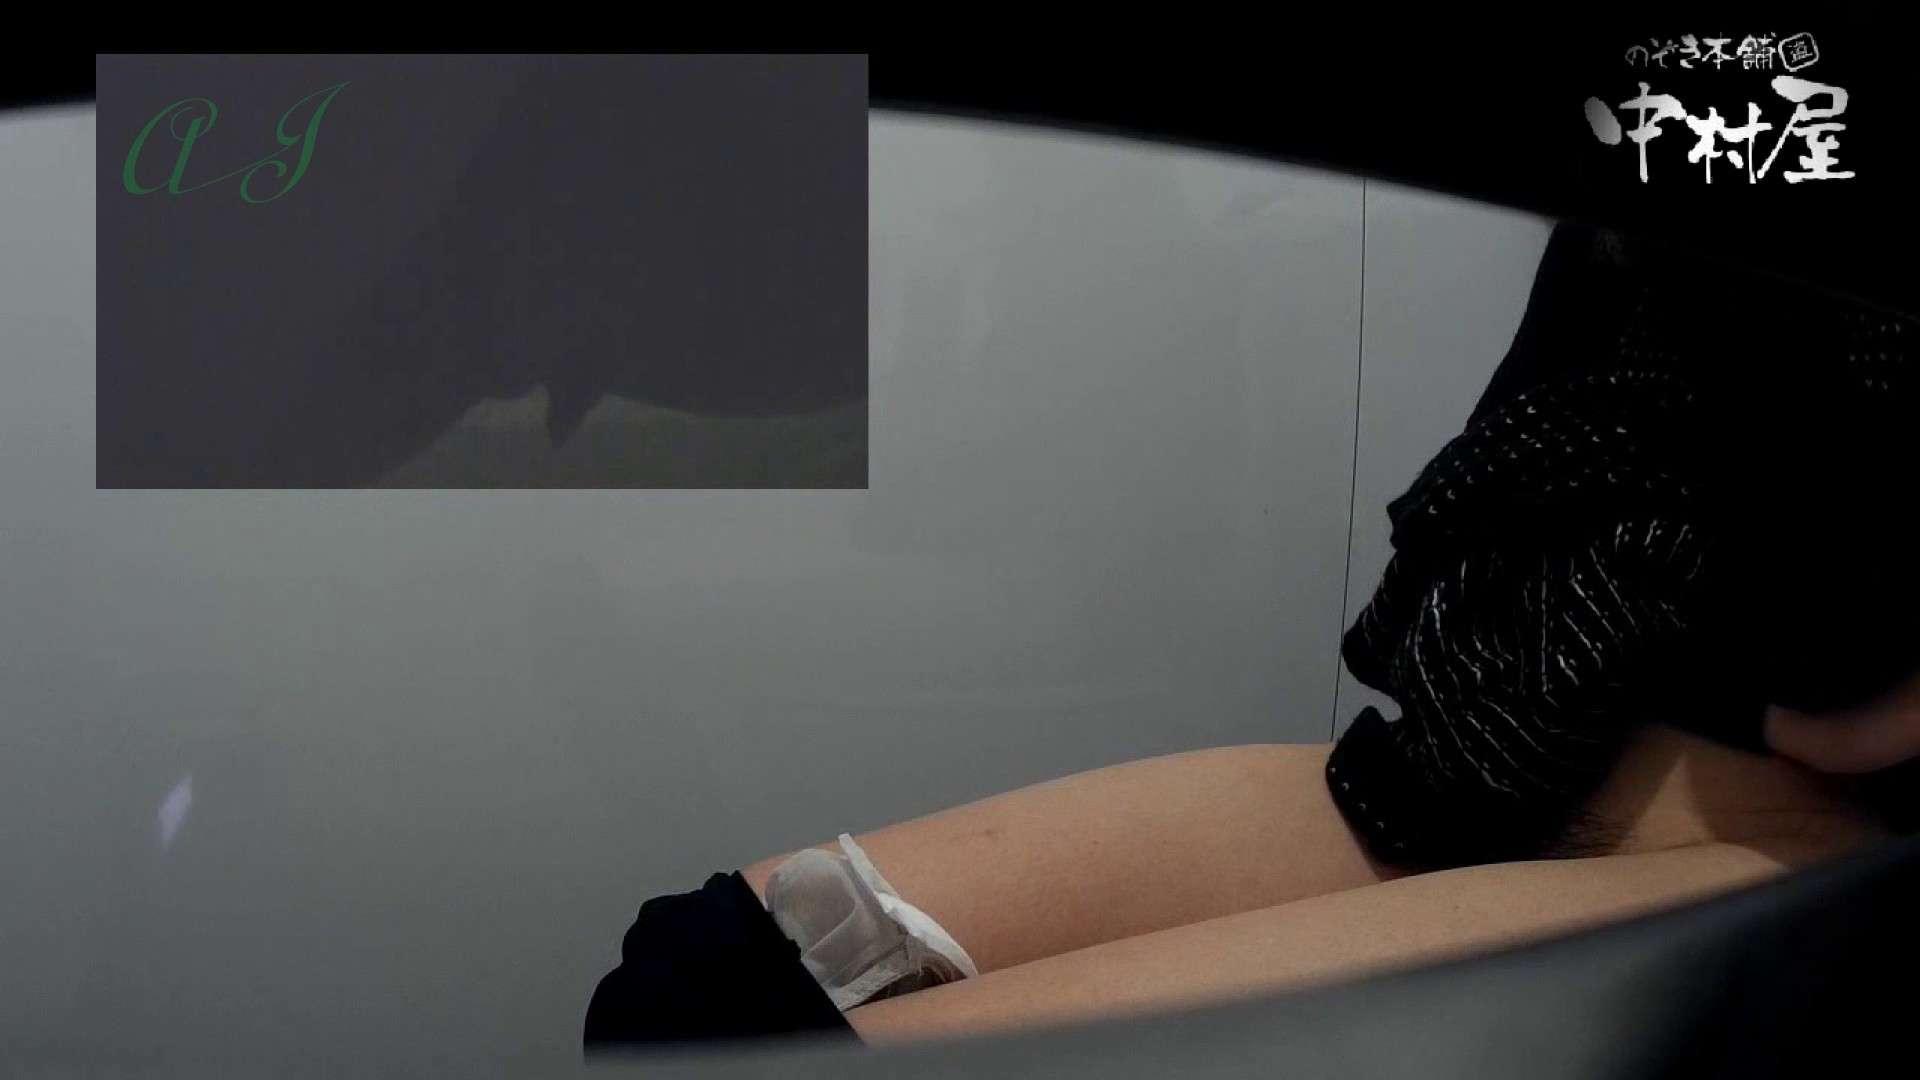 有名大学女性洗面所 vol.60 設置の神です。 潜入シリーズ  105Pix 48